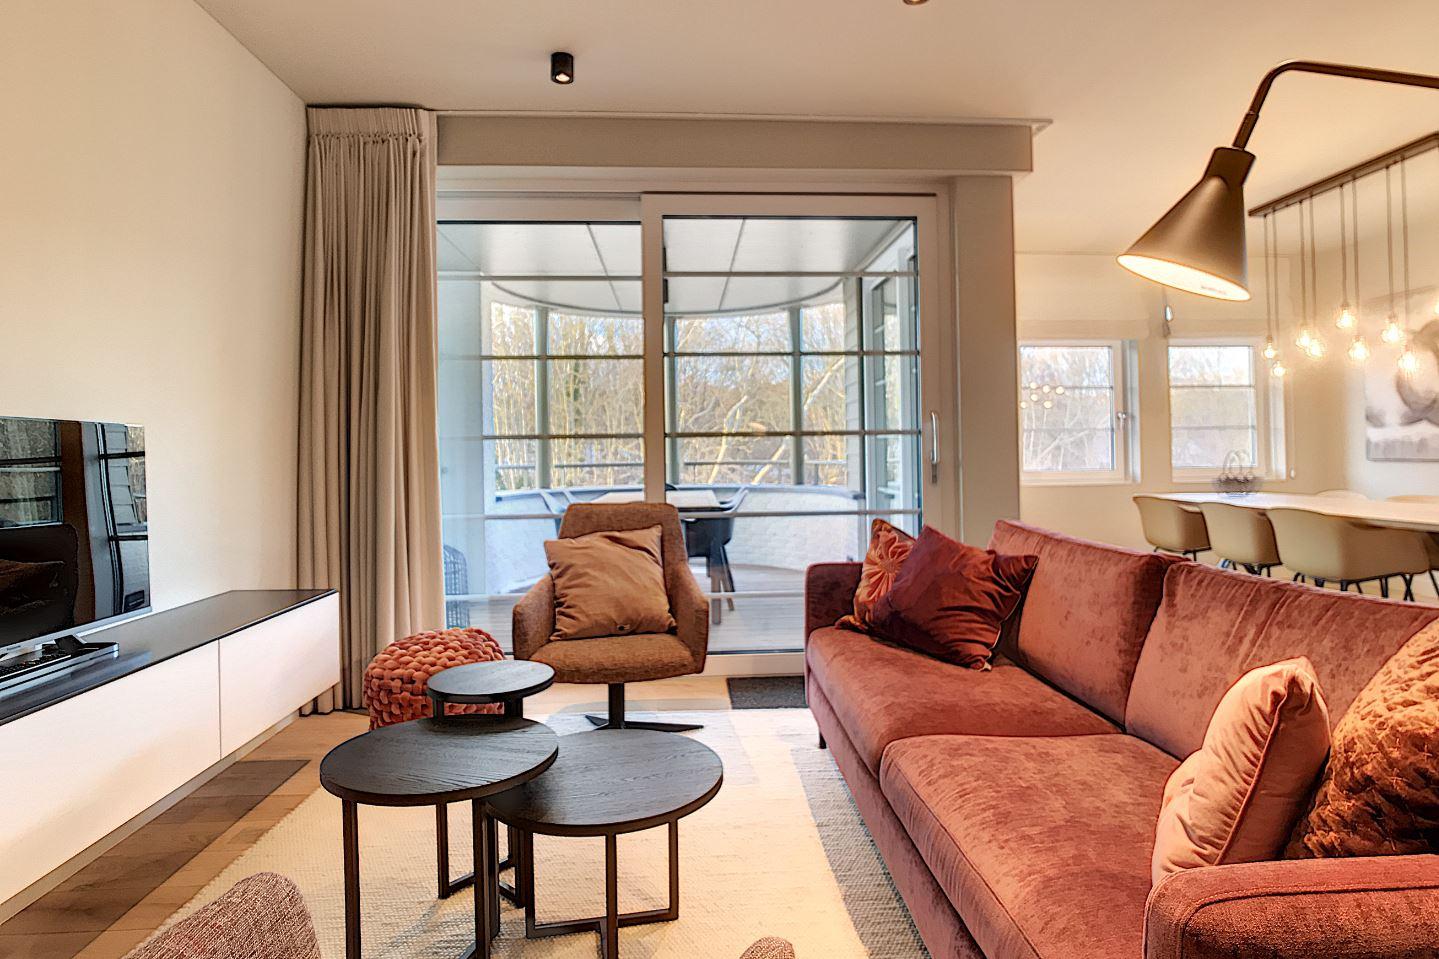 Appartement Te Koop Boulevard De Wielingen 14 101 4506 Jh Cadzand Funda